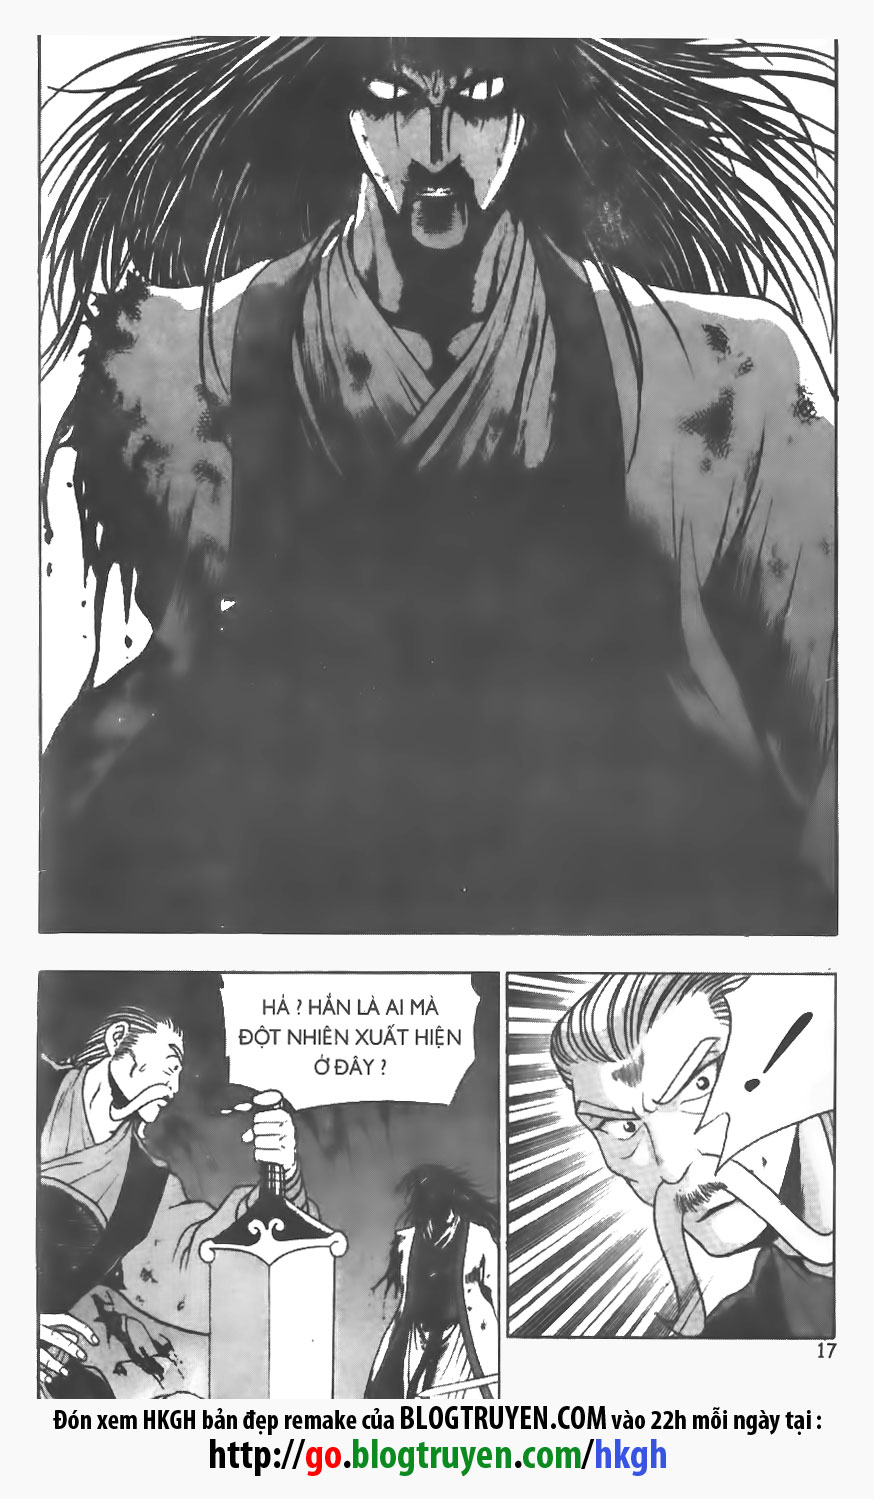 xem truyen moi - Hiệp Khách Giang Hồ Vol16 - Chap 103 - Remake